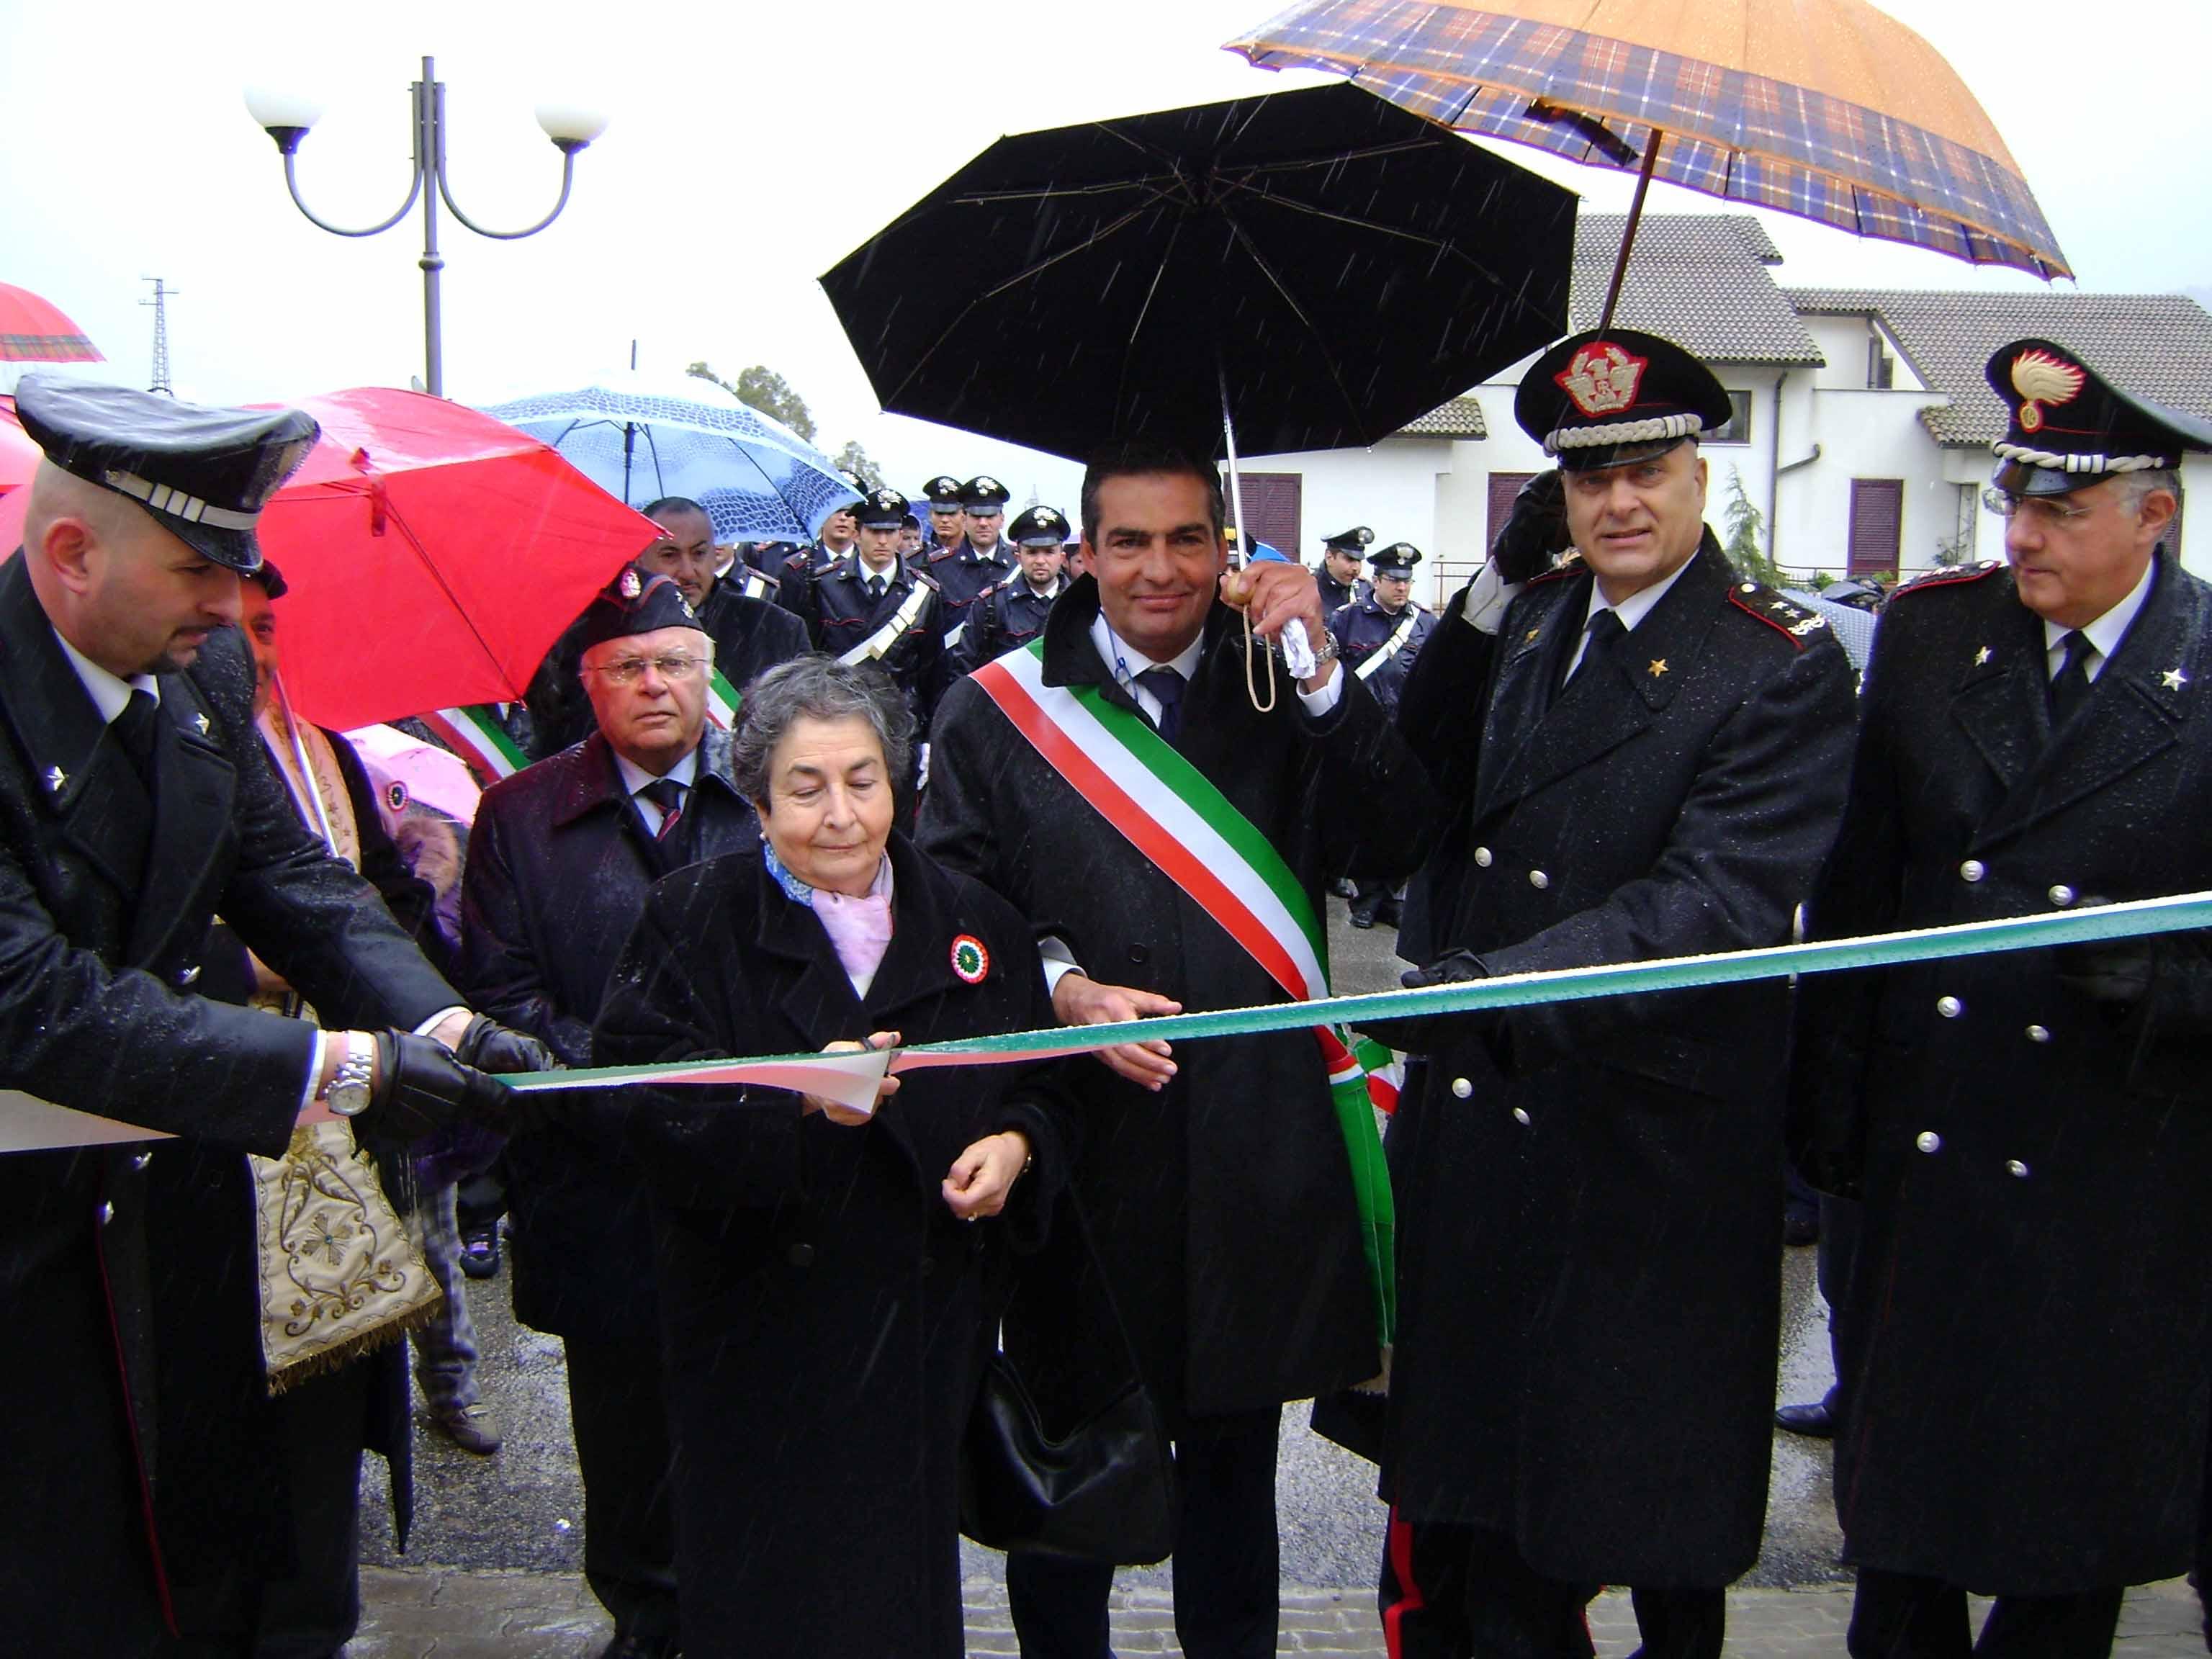 caserma dei carabinieri di